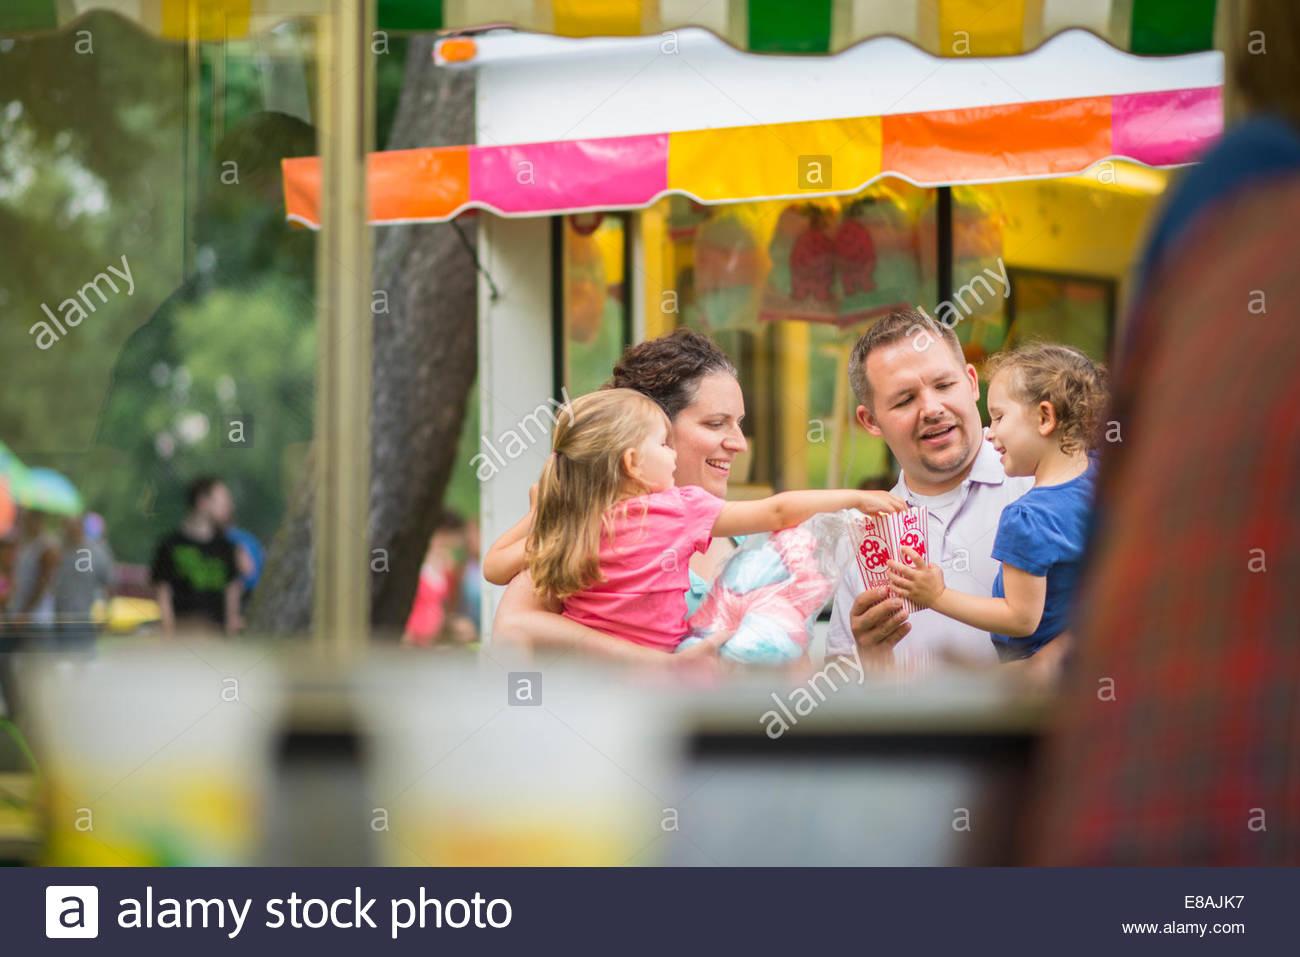 Mitte erwachsenes paar und zwei jungen Töchter Essen Popcorn Jahrmarkt Stockbild